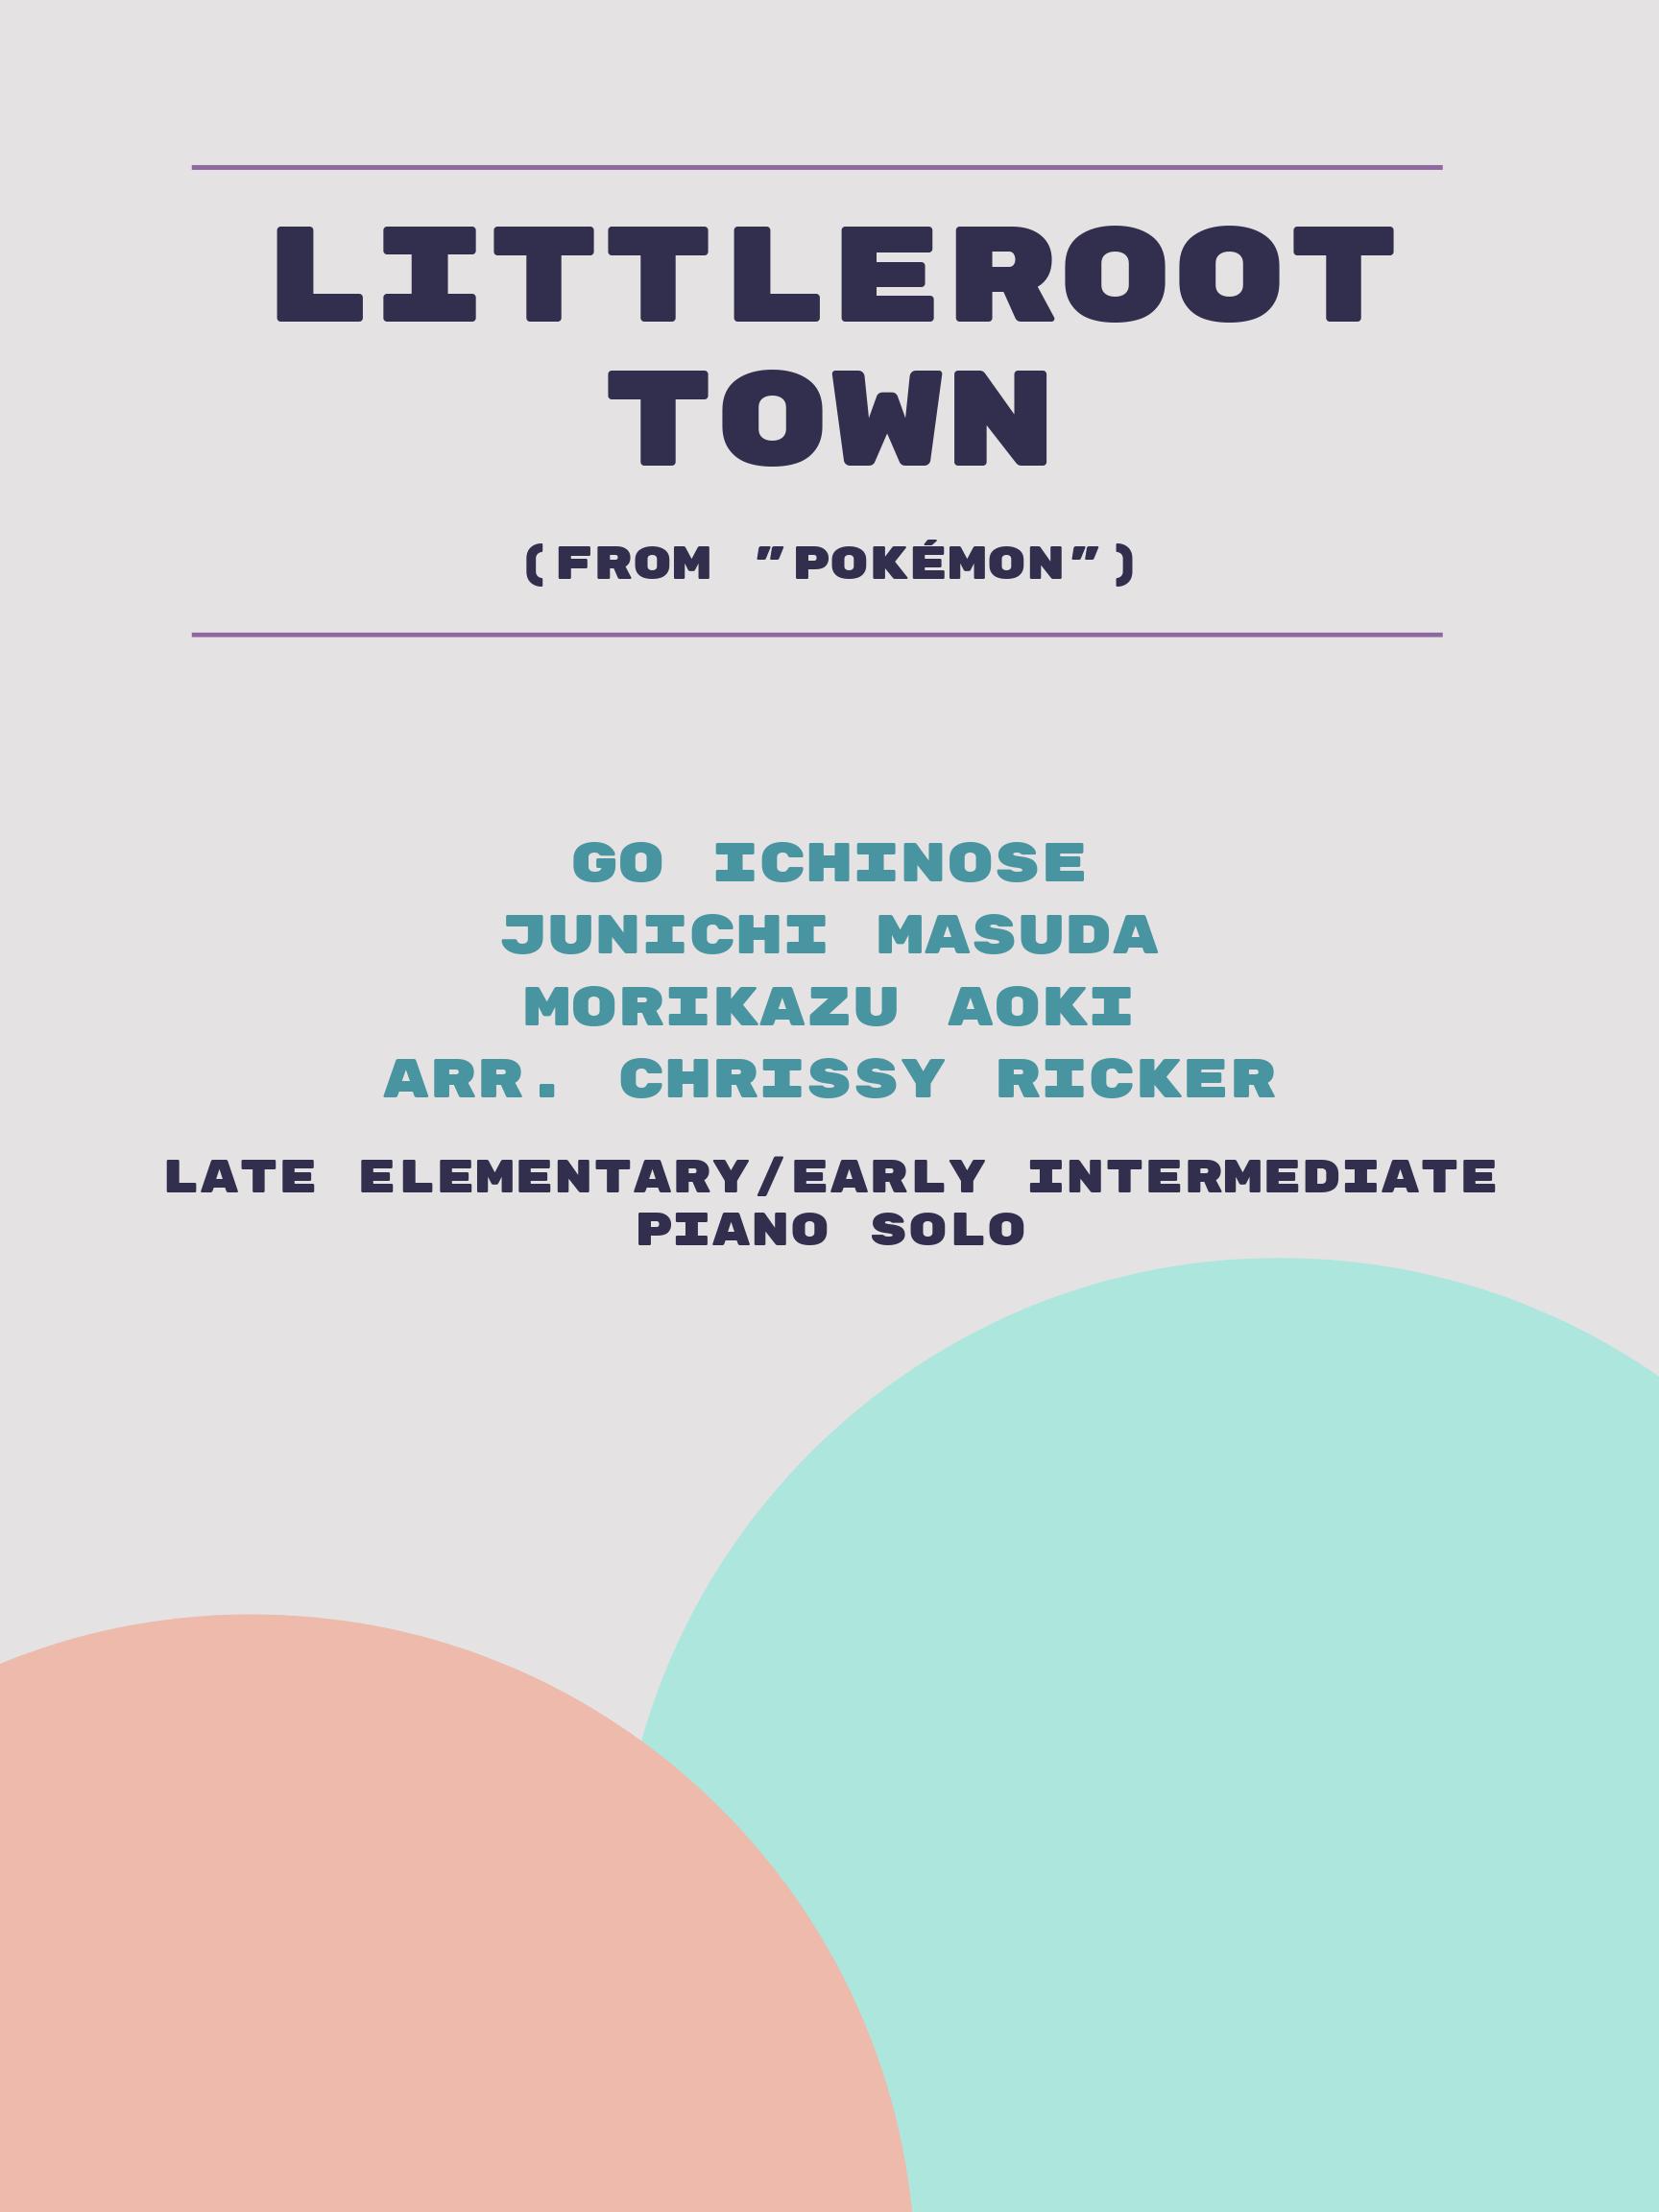 Littleroot Town by Go Ichinose, Junichi Masuda, Morikazu Aoki